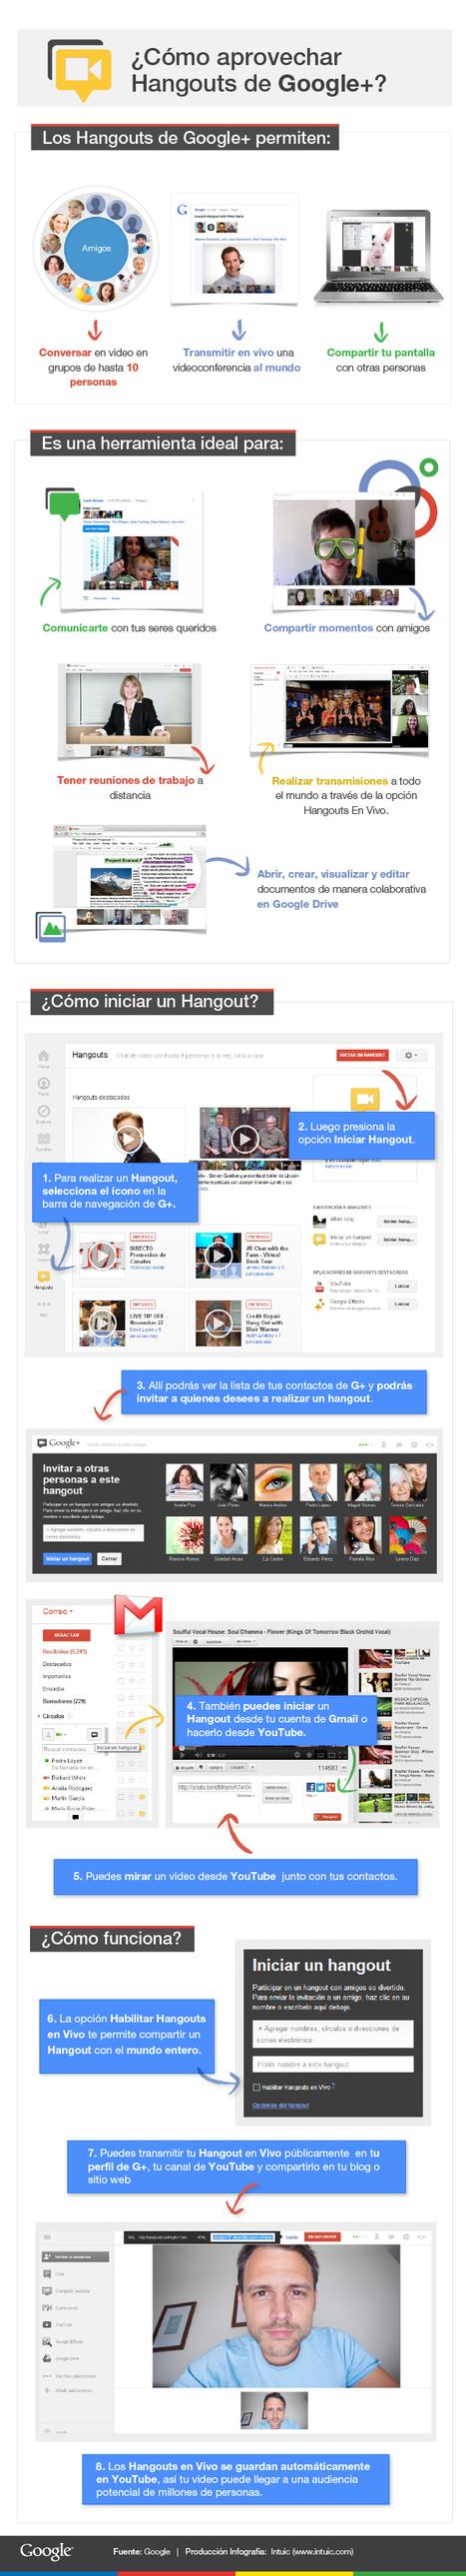 Hangouts de google+ | EDUCACION, TIC, WEB 2.0 Y RECURSOS PARA EL APRENDIZAJE | Scoop.it